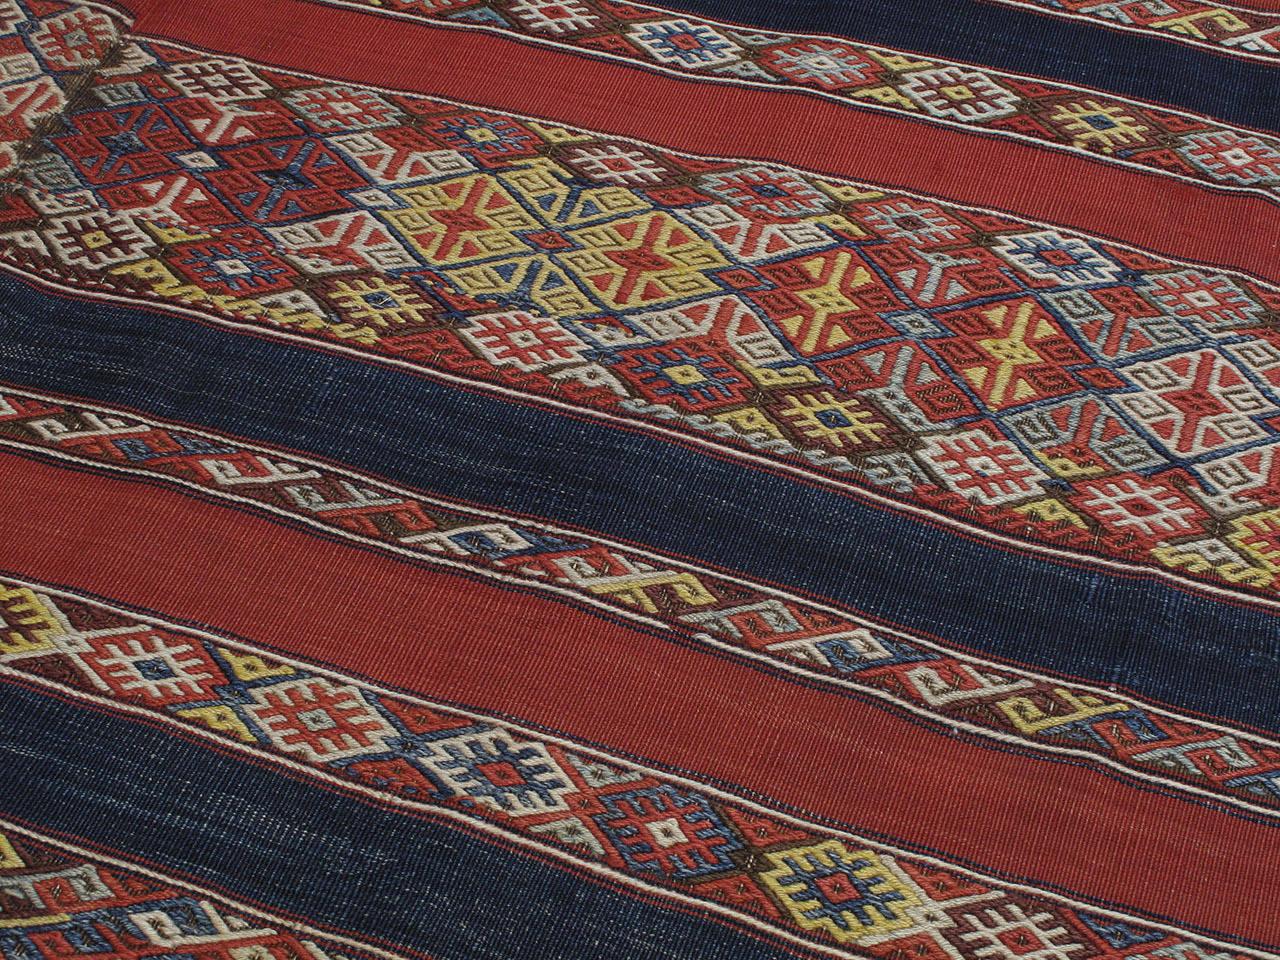 19th Century Antique Malatya Kilim Rug For Sale